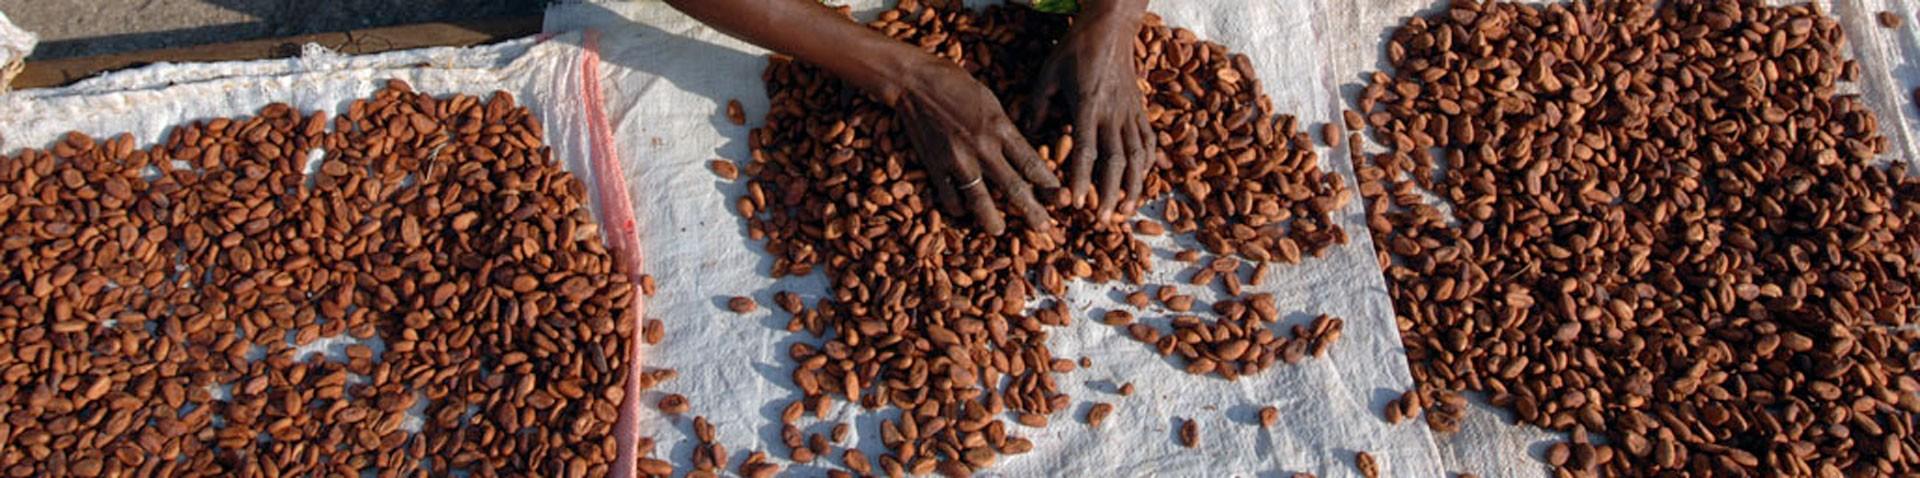 Los Productores de cacao, los Consumidores de chocolate.